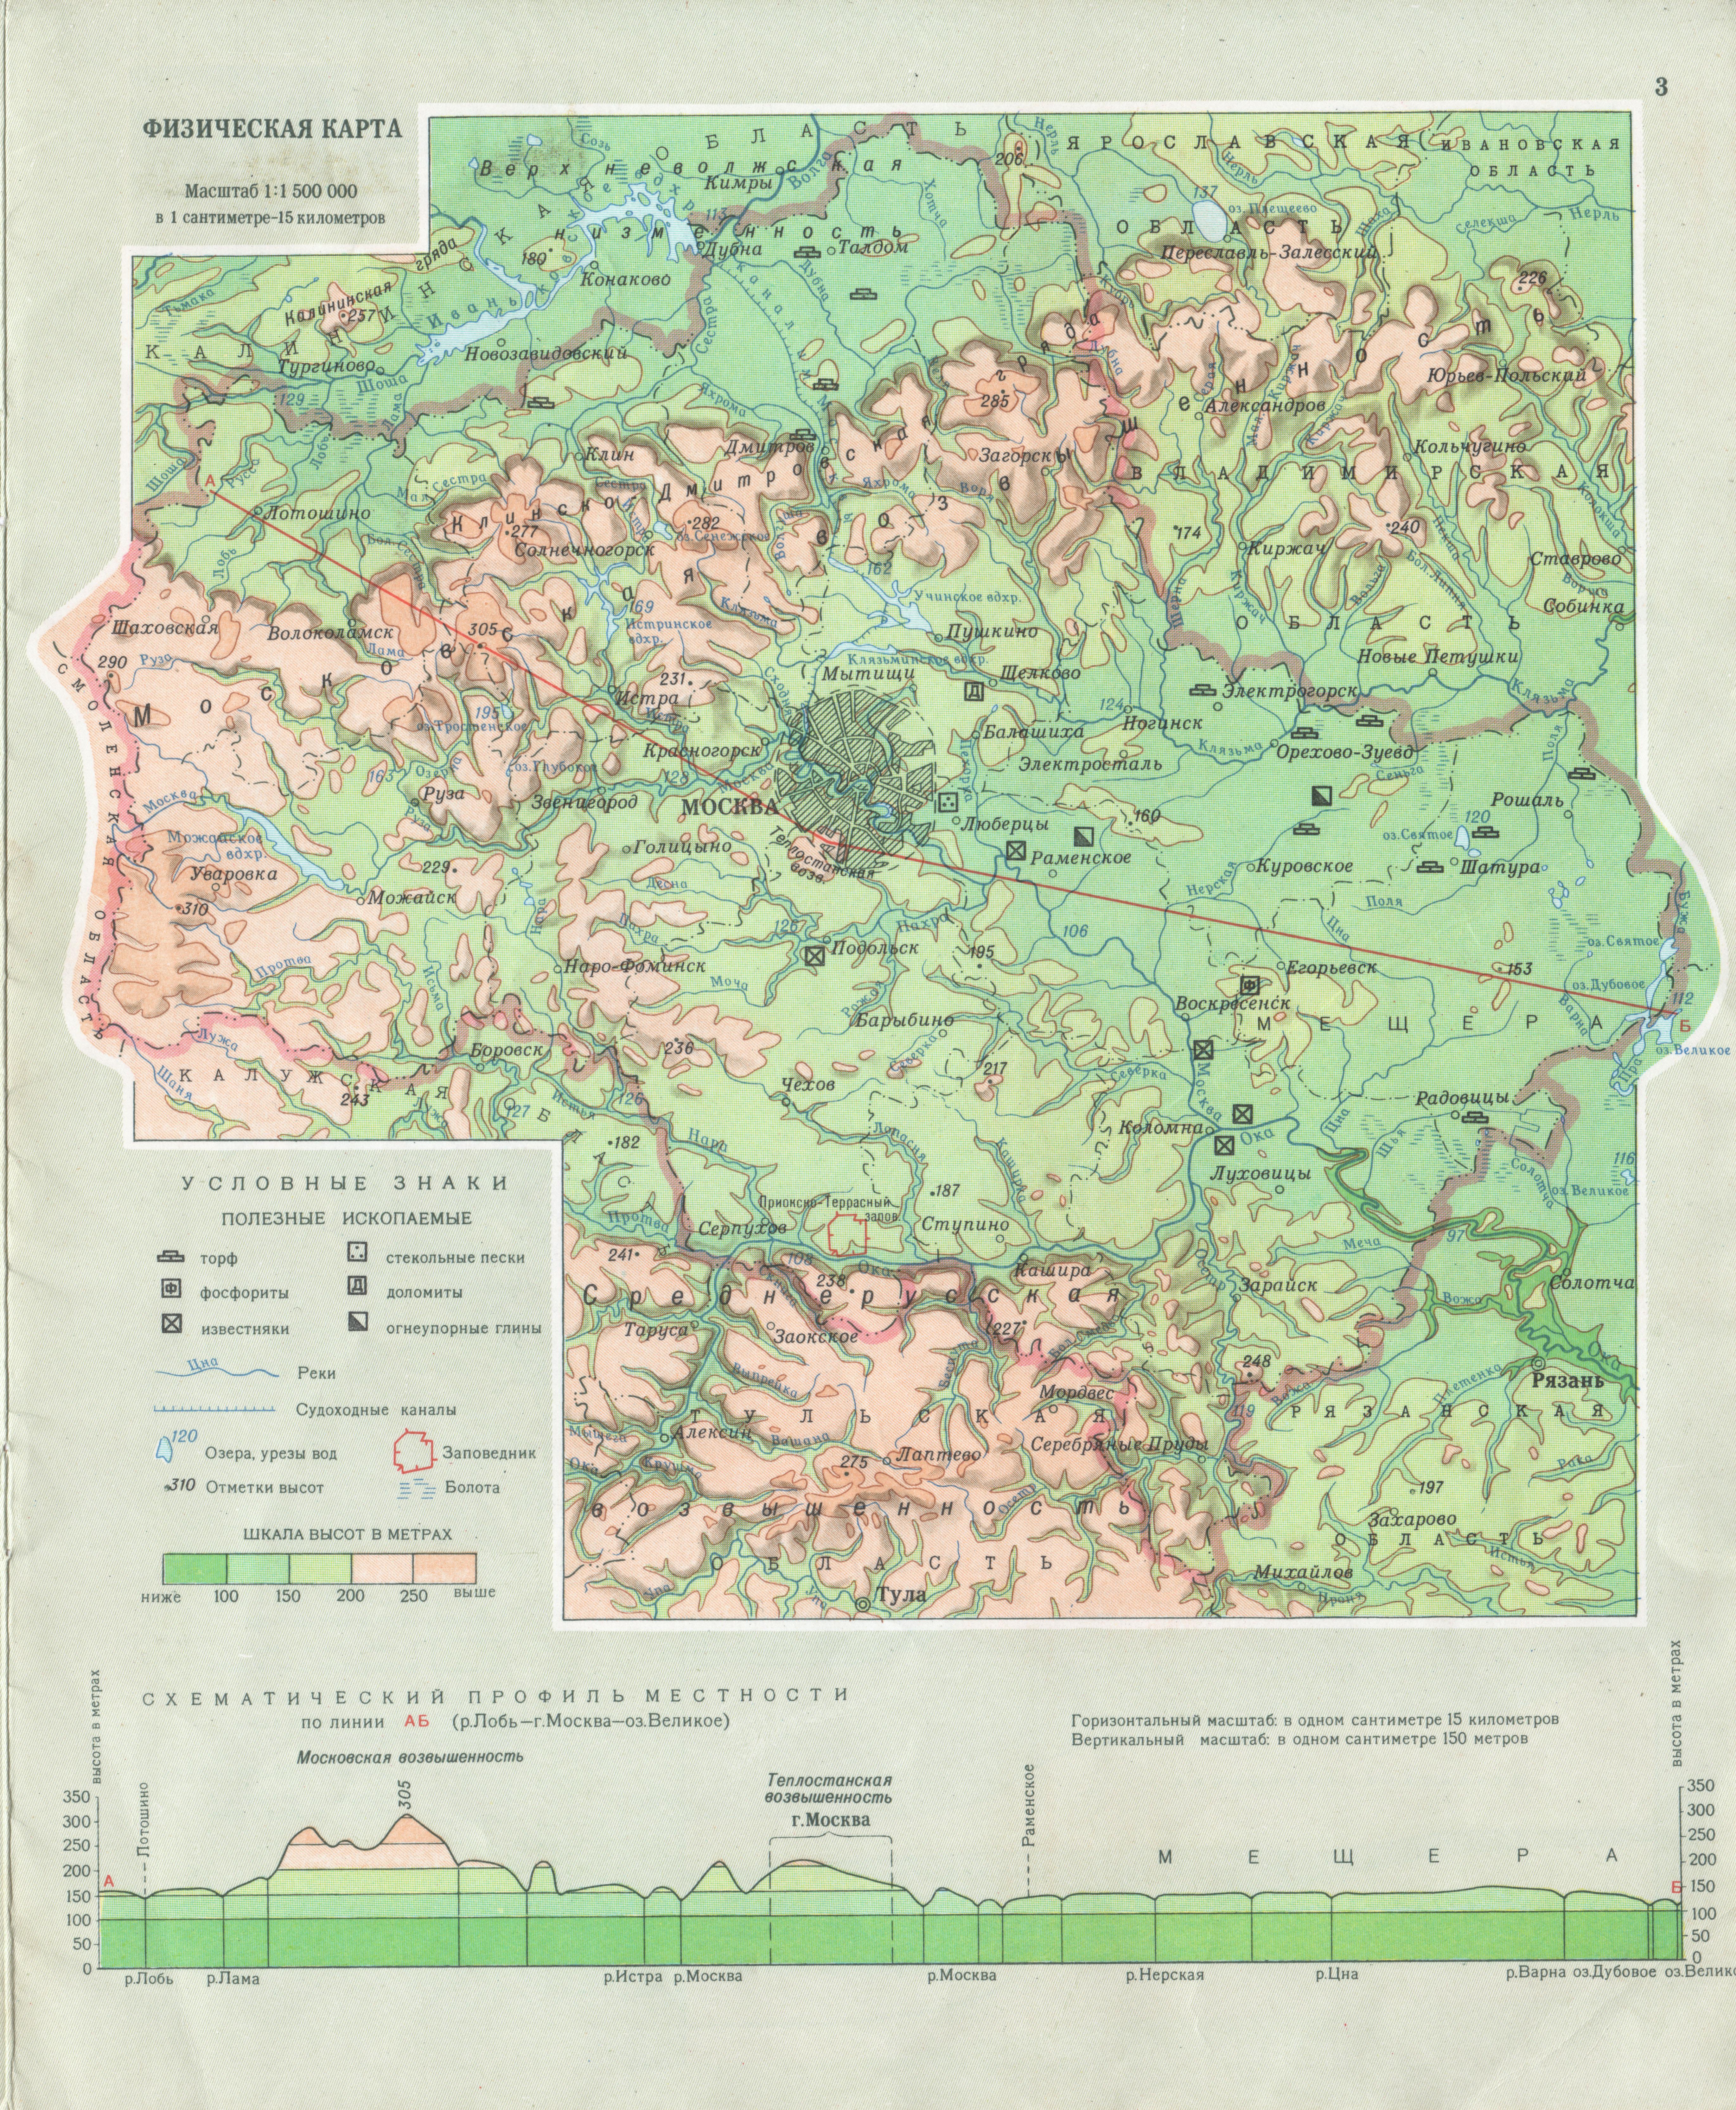 Физическая карта рельефа Москвы и Московской области смотреть онлайн